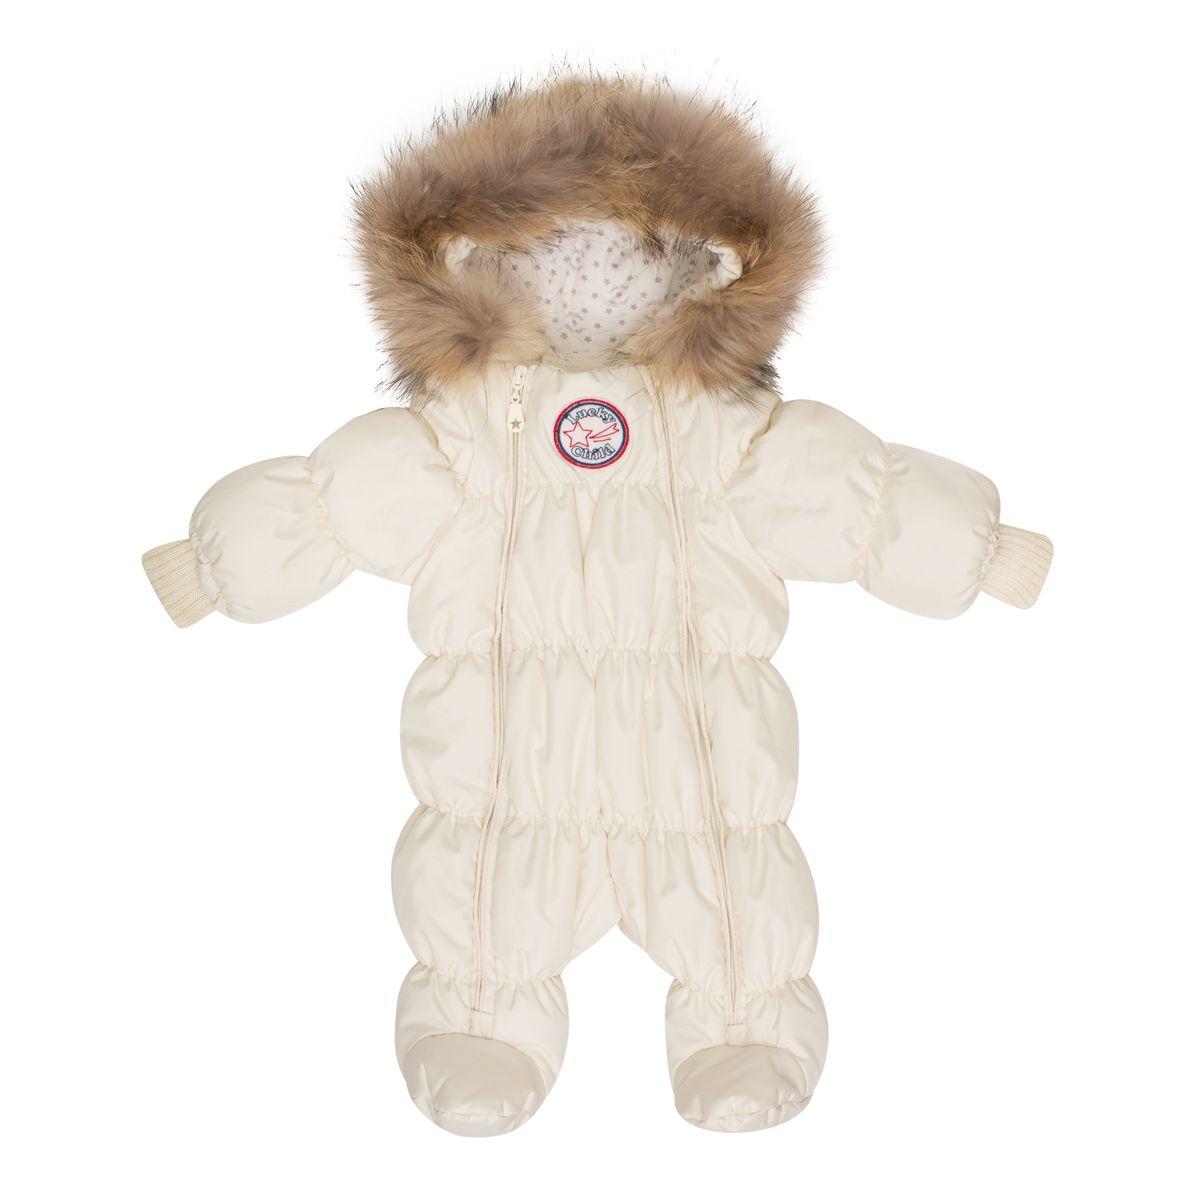 Комбинезон детский Lucky Child, цвет: молочный. В1-2. Размер 62В1-2Неважно, будет ли ваш кроха спать всю прогулку или пойдёт разглядывать снег, ему будет удобно в этом тёплом и лёгком комбинезоне. Сверху - качественная курточная ткань с влагостойкой пропиткой, внутри - наполнитель Isosoft и трикотажная подкладка с воздухопроницаемыми и водоотводными свойствами. Подходит для прогулок при температуре до -30°. Удобная двойная молния позволяет легко одеть и раздеть ребёнка или просто поменять подгузник и продолжить прогулку. Ручки младенца можно легко спрятать в отворачивающуюся «варежку». Капюшон оторочен натуральным мехом енота.